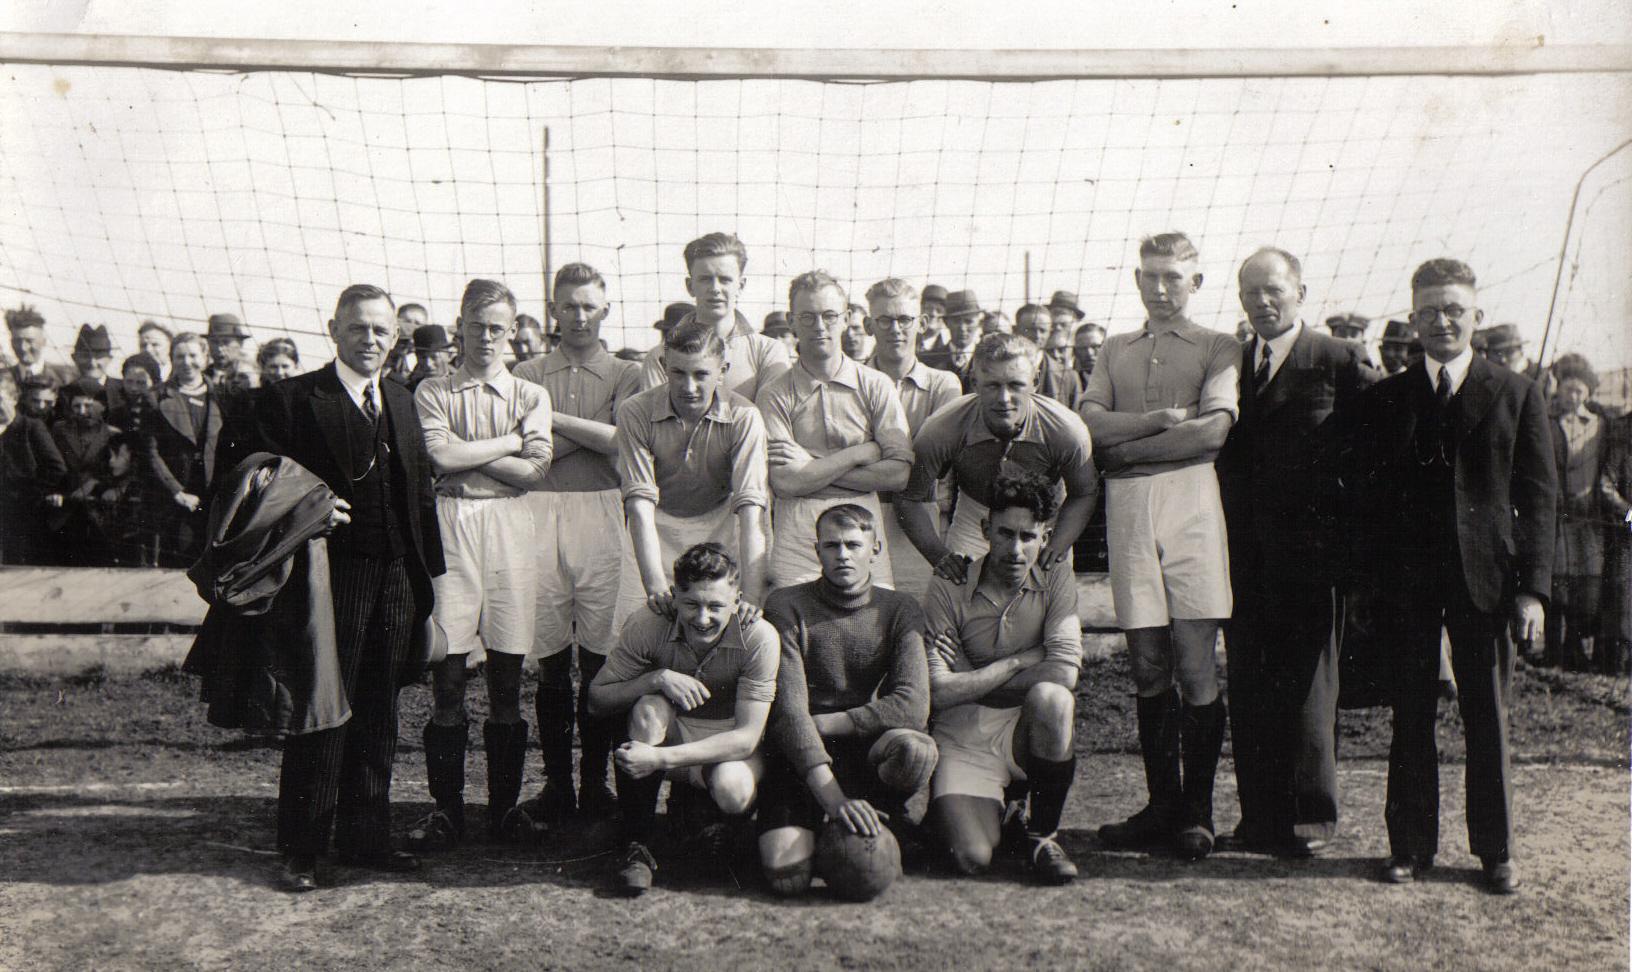 Festiviteiten West-Friese voetbalclubs die 75 jaar bestaan, worden geschrapt of verschoven